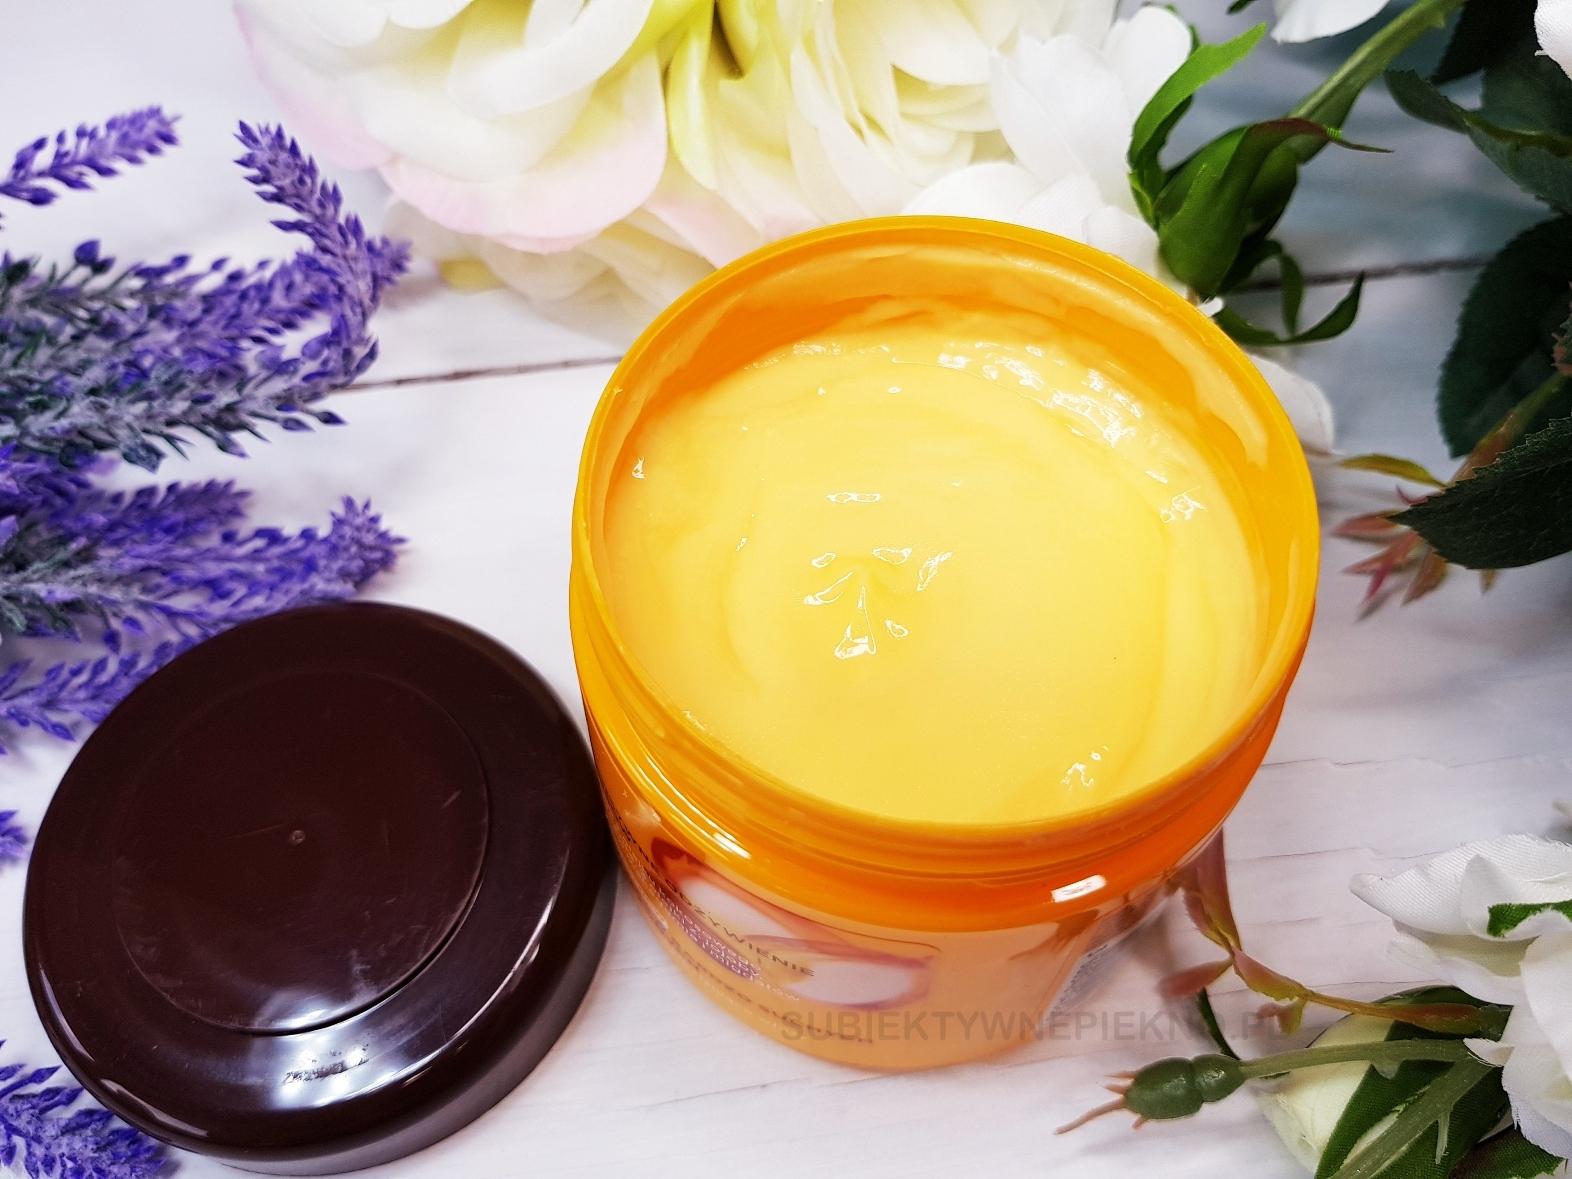 Wzmacniająca maska Garnier Fructis Oil Repair 3. Blog, opinie, działanie